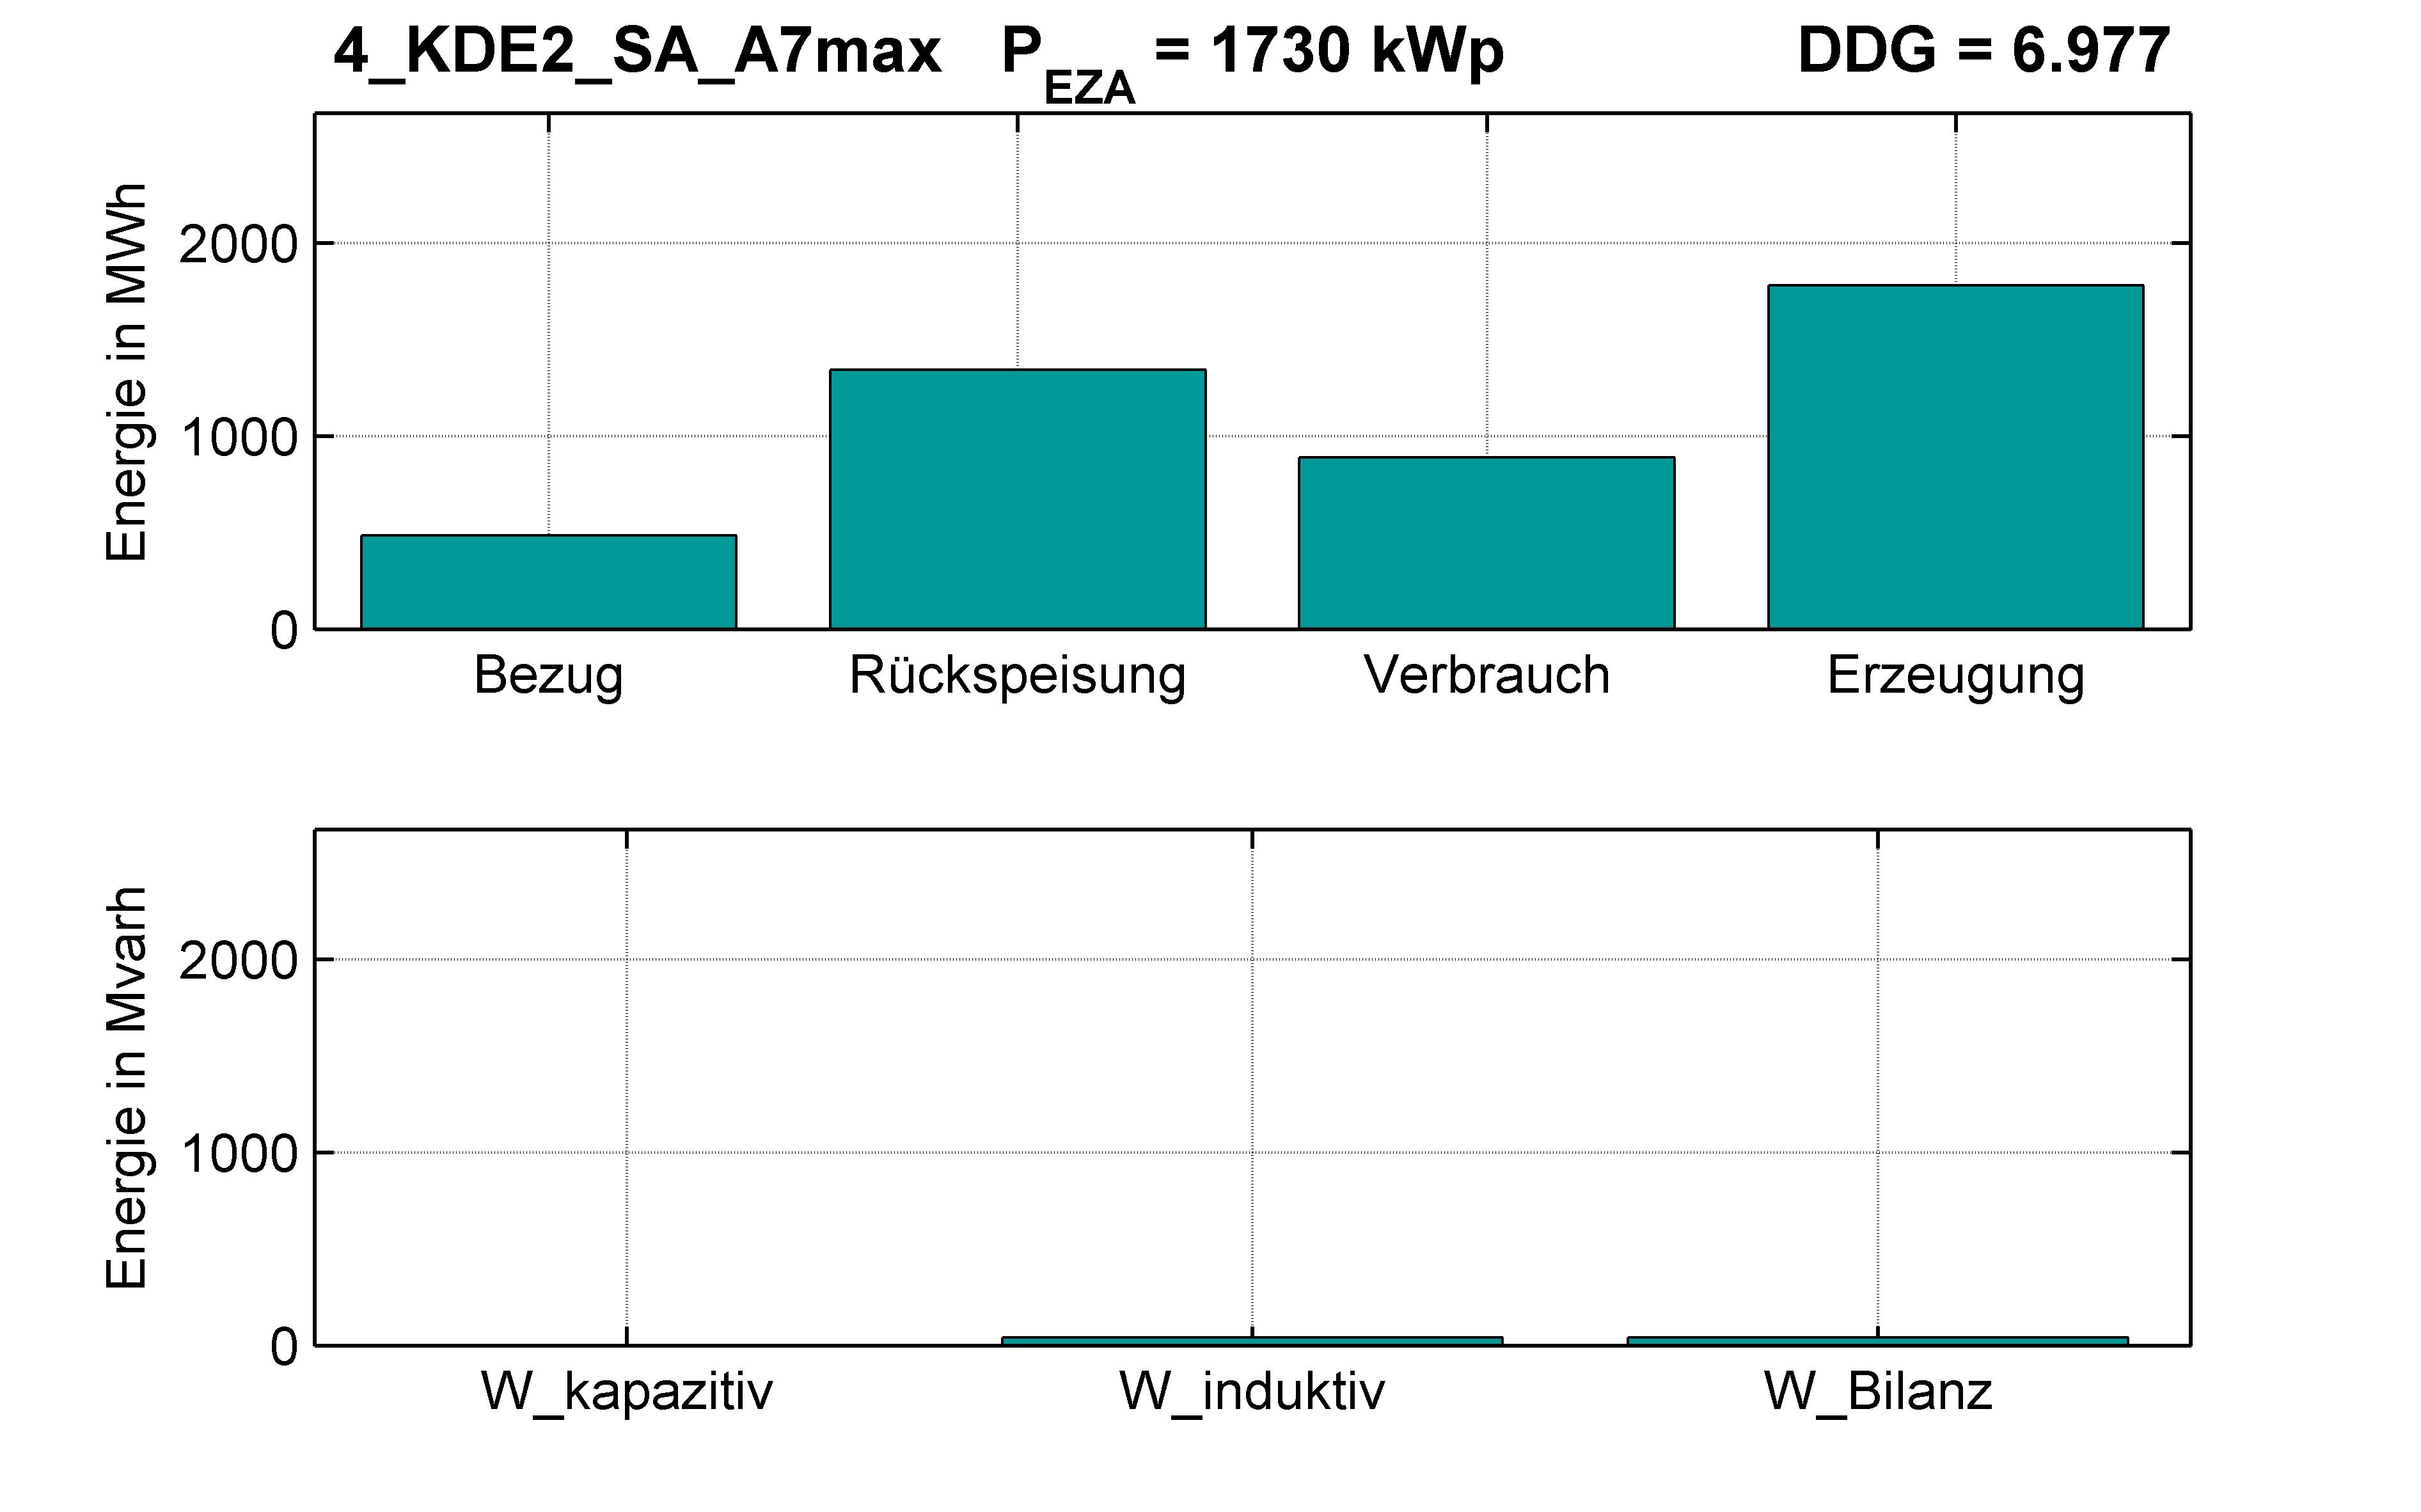 KDE2 | P-Kappung 55% (SA) A7max | PQ-Bilanz